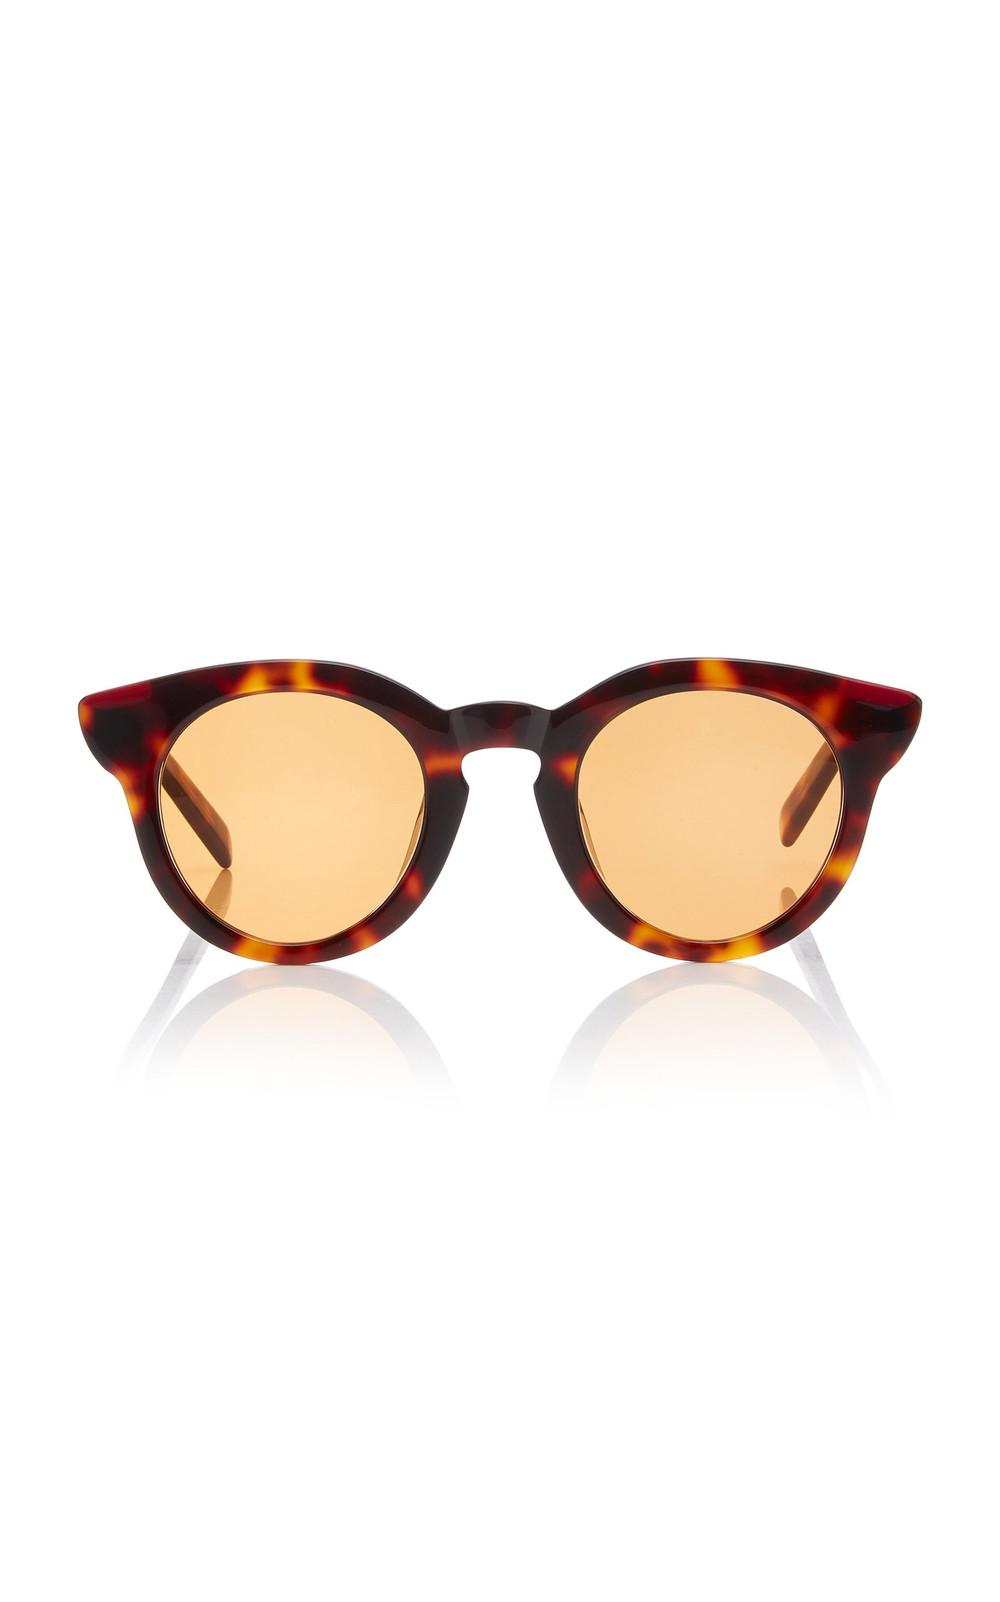 a9d37ccbd526f Spektre Fingers Round-Frame Acetate Sunglasses in orange